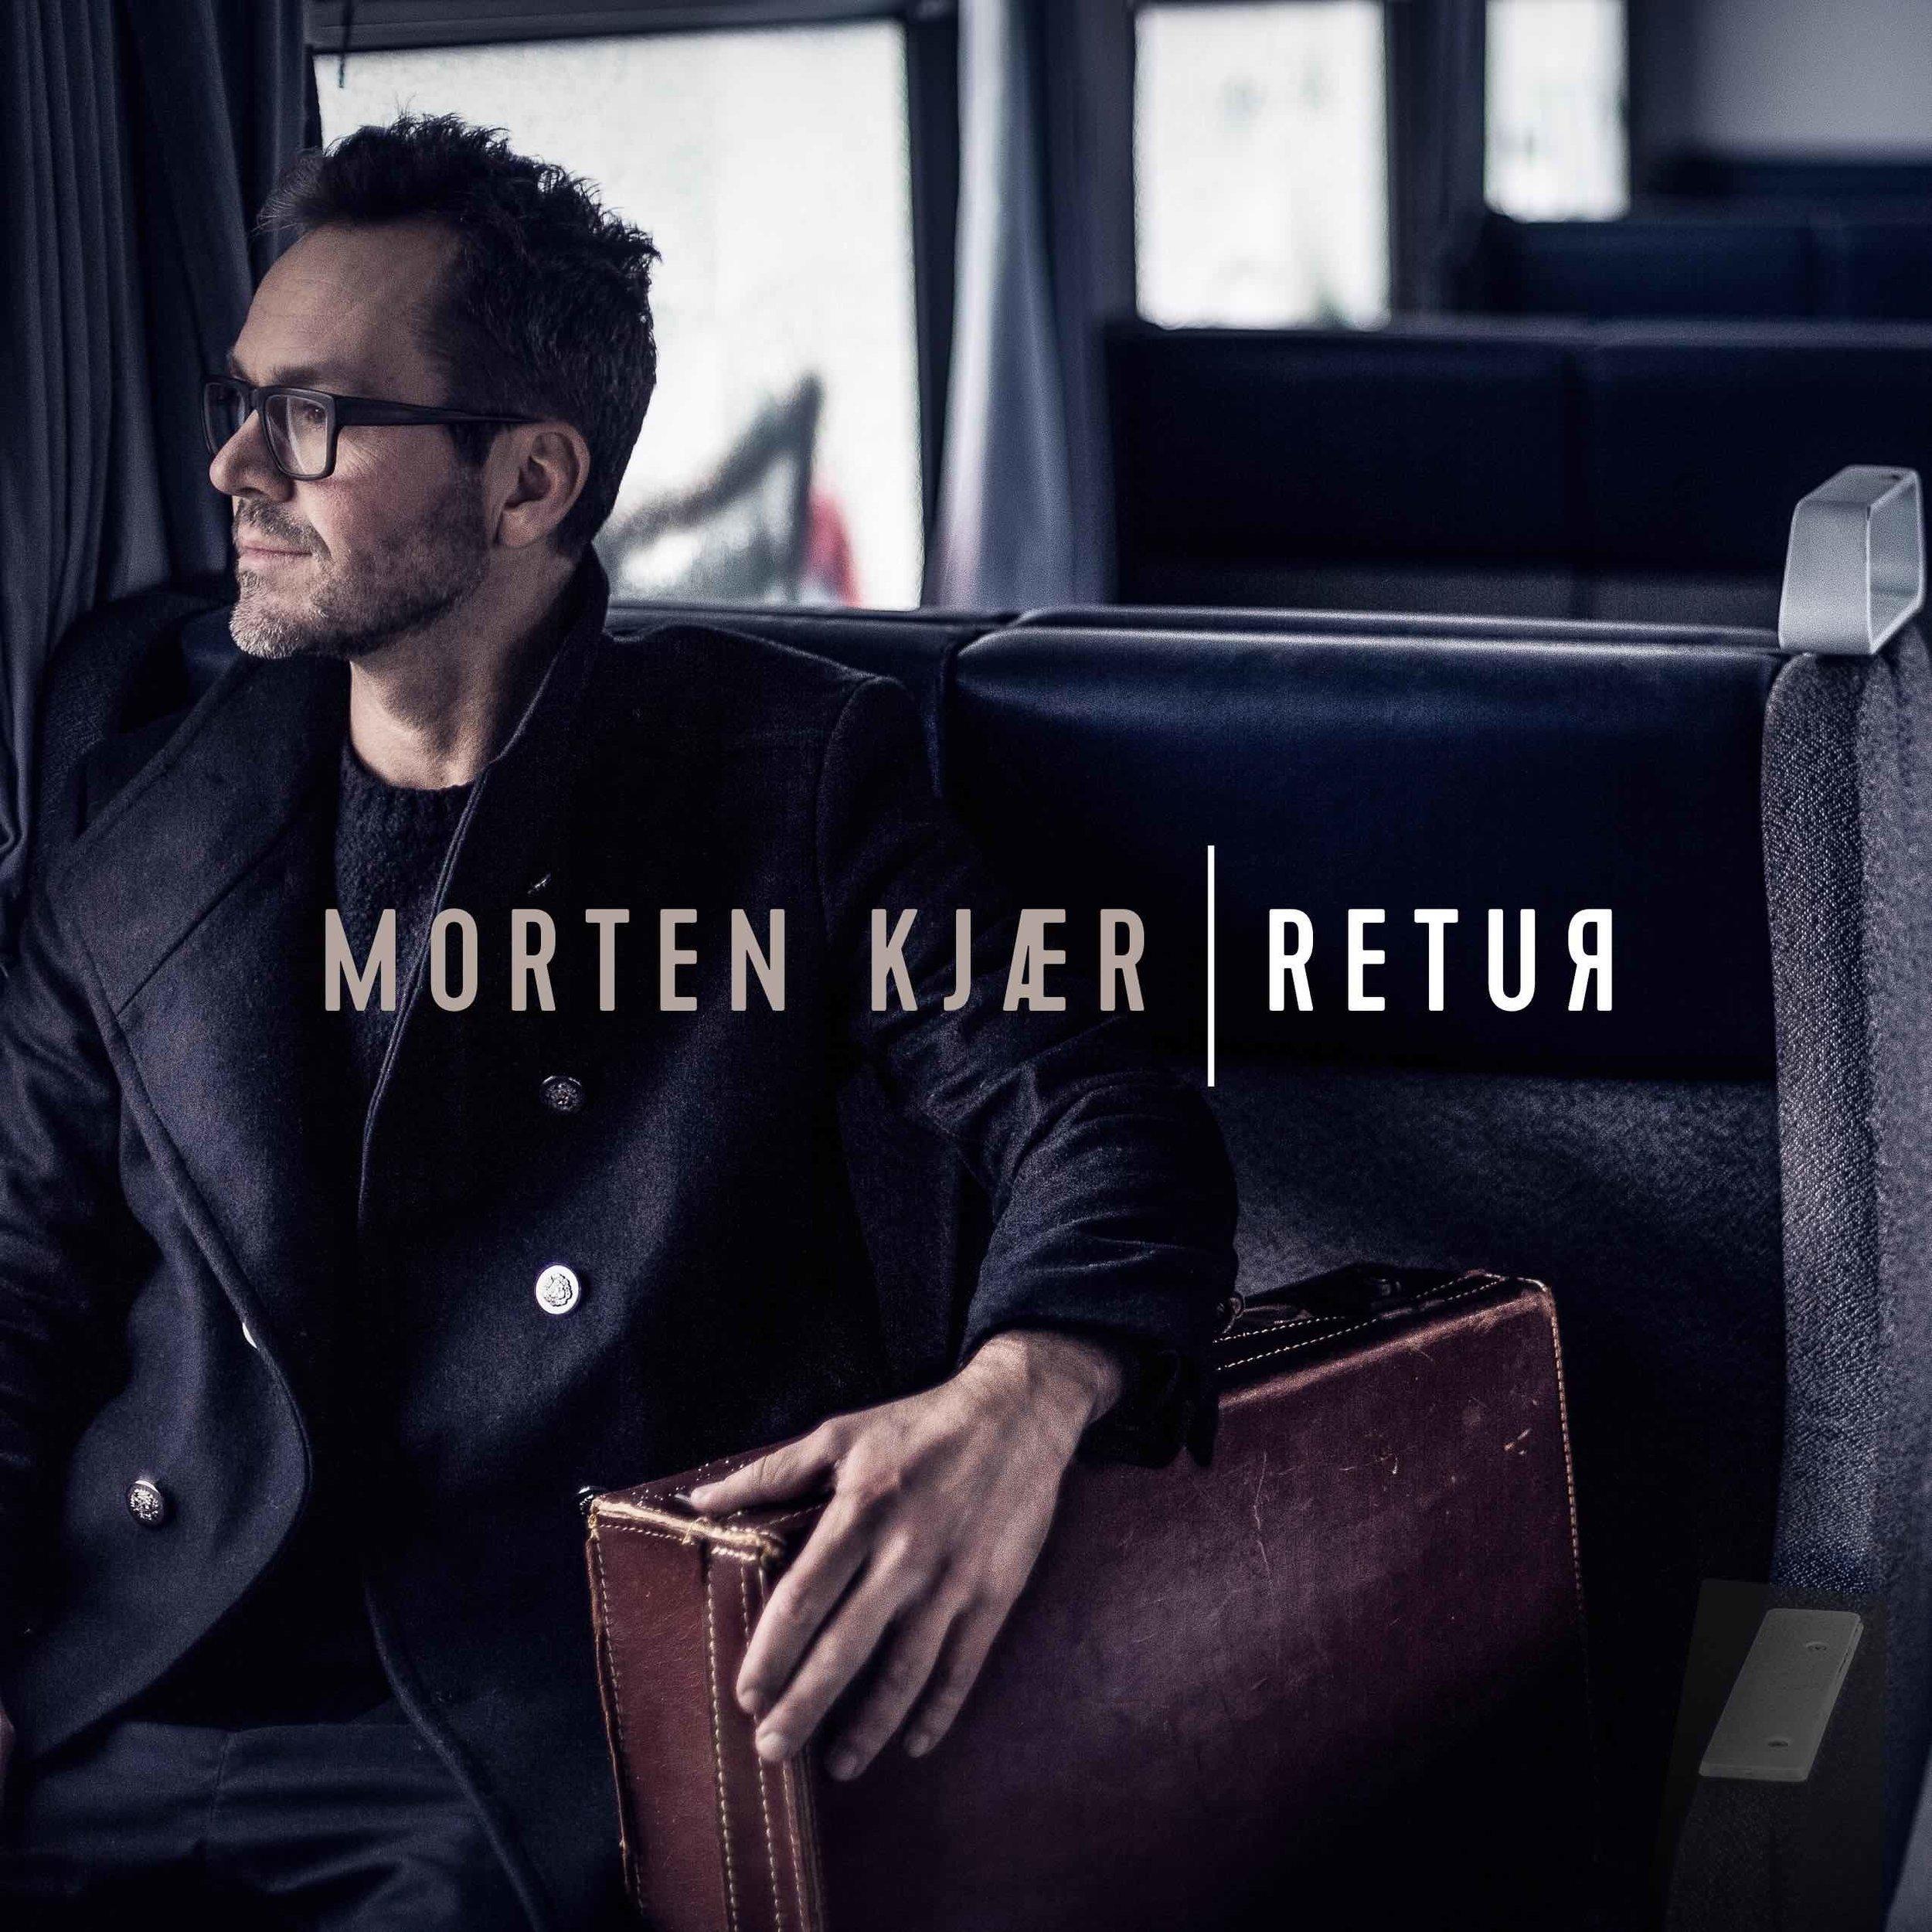 Morten Kjær - Retur - album cover.jpg